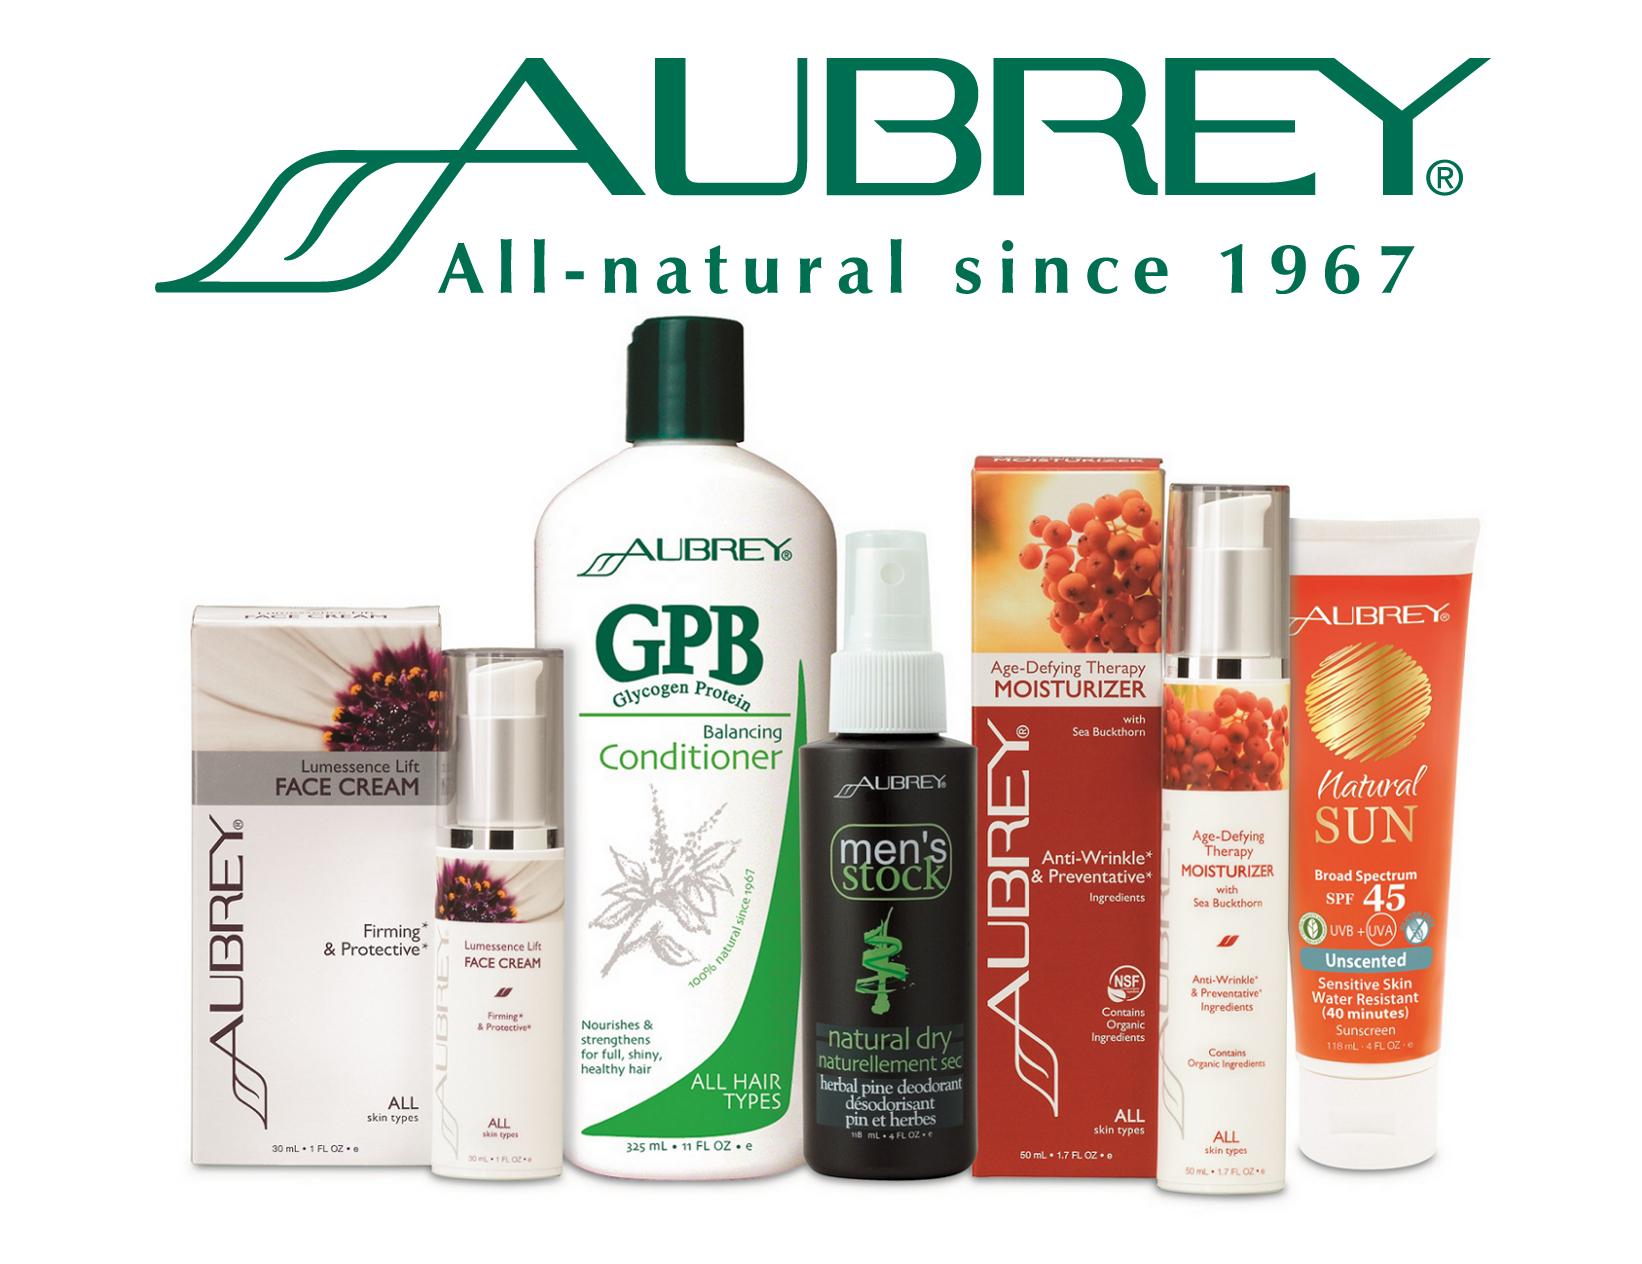 Aubrey Organics luonnonmukainen ihon-, hiusten- ja vartanlonhoito